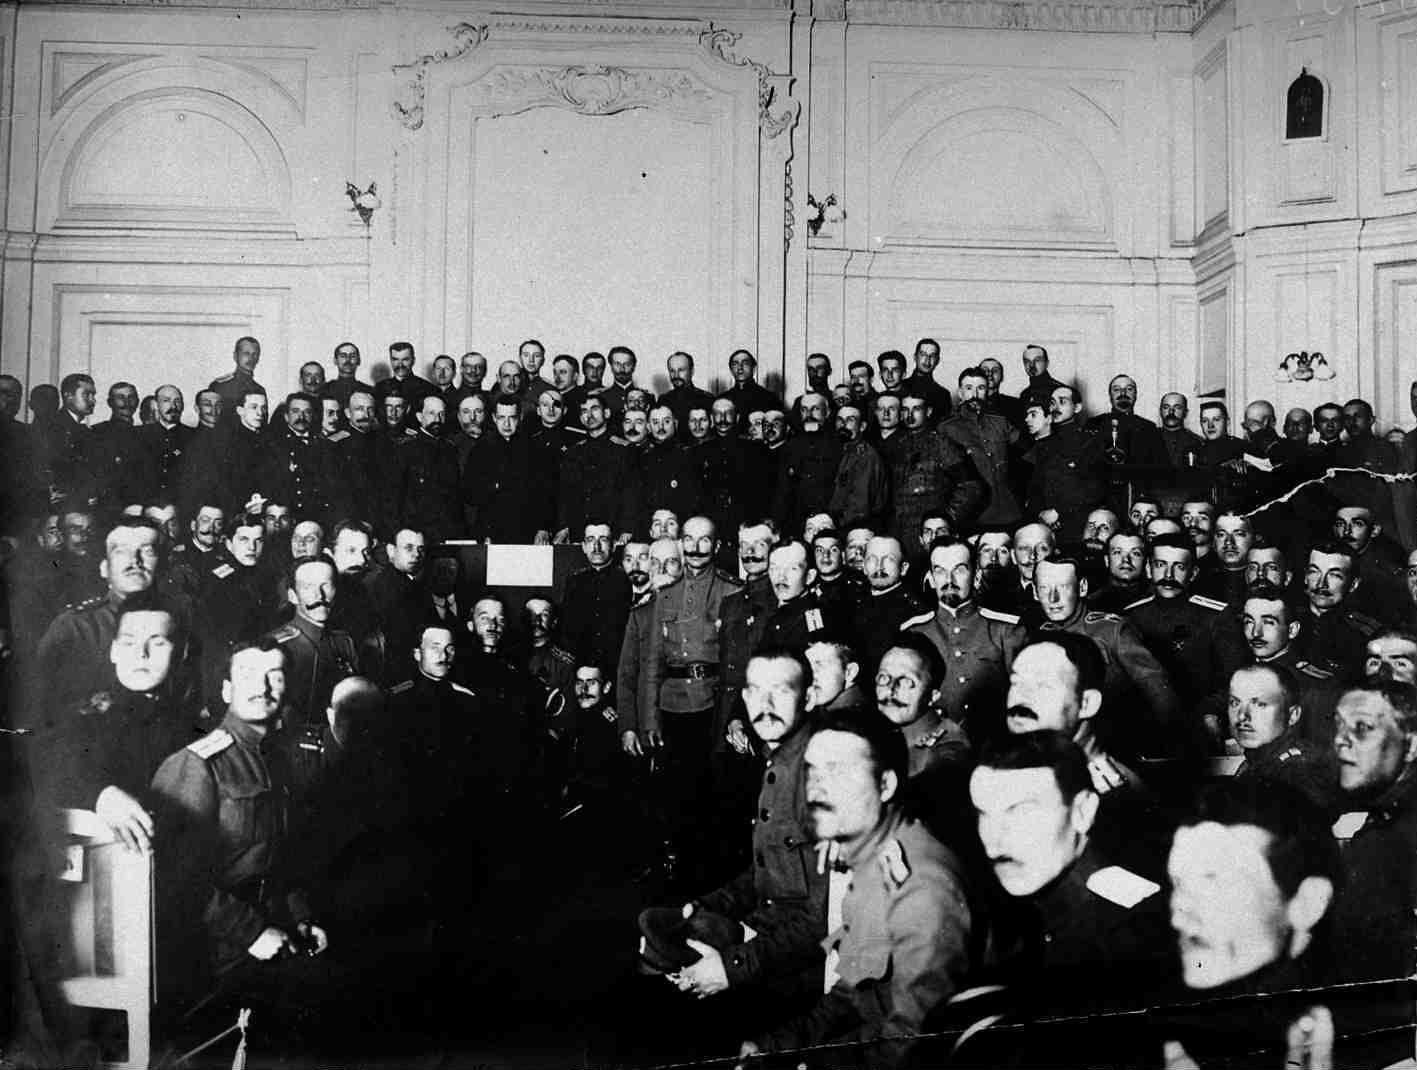 Май. А. Ф. Керенский открывает Всероссийский съезд офицерских депутатов